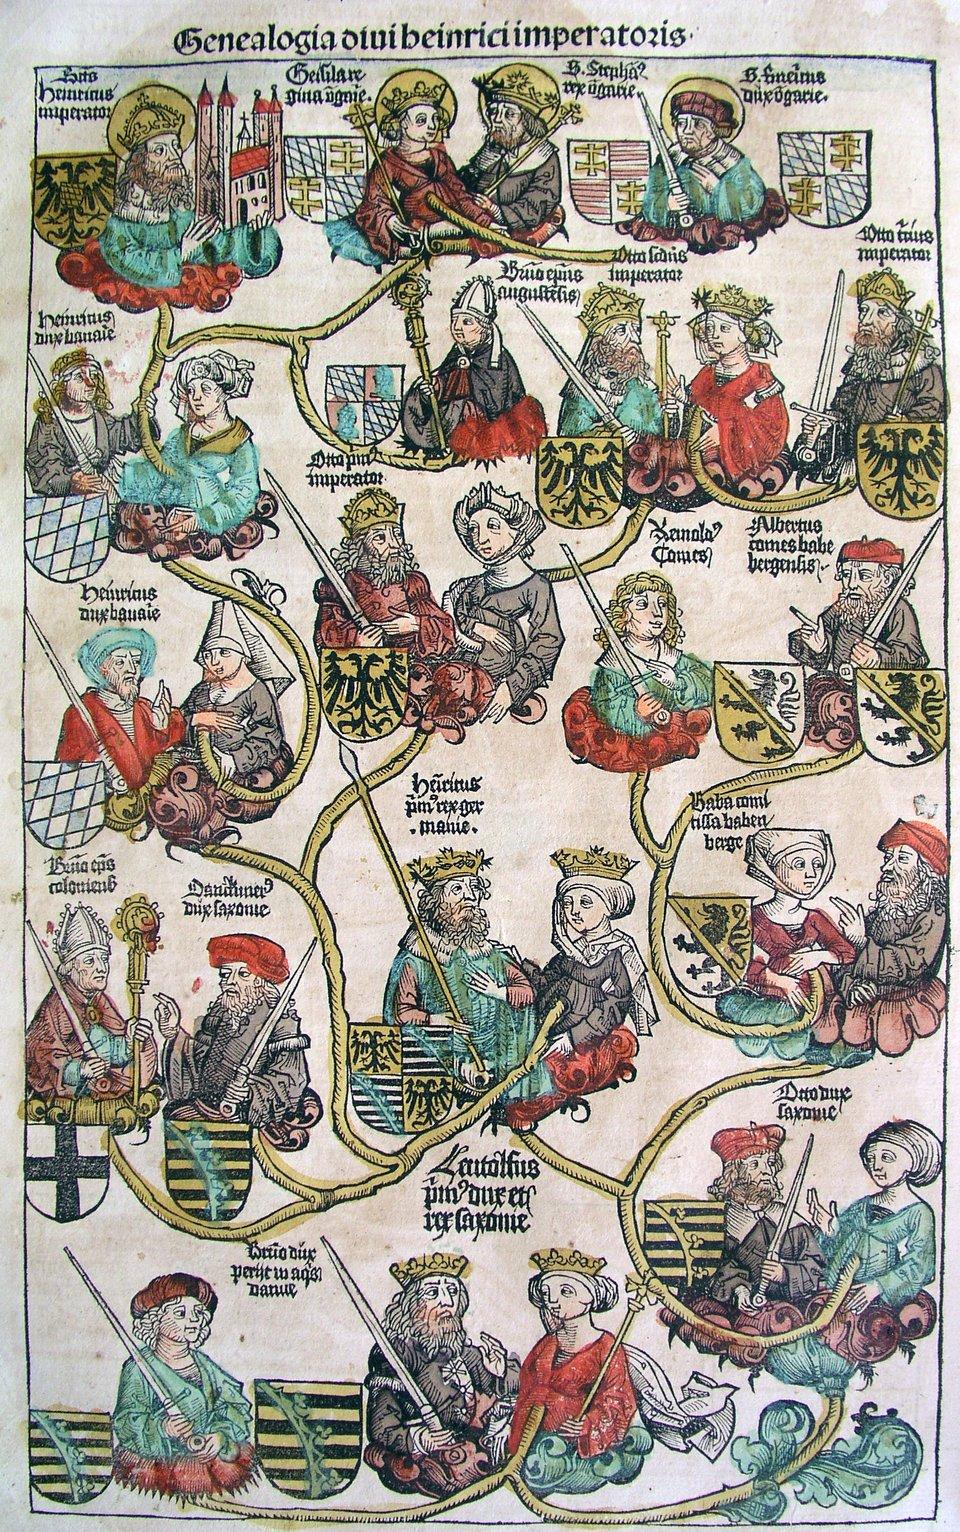 Ród władców Niemiec Źródło: Ród władców Niemiec, licencja: CC 0.